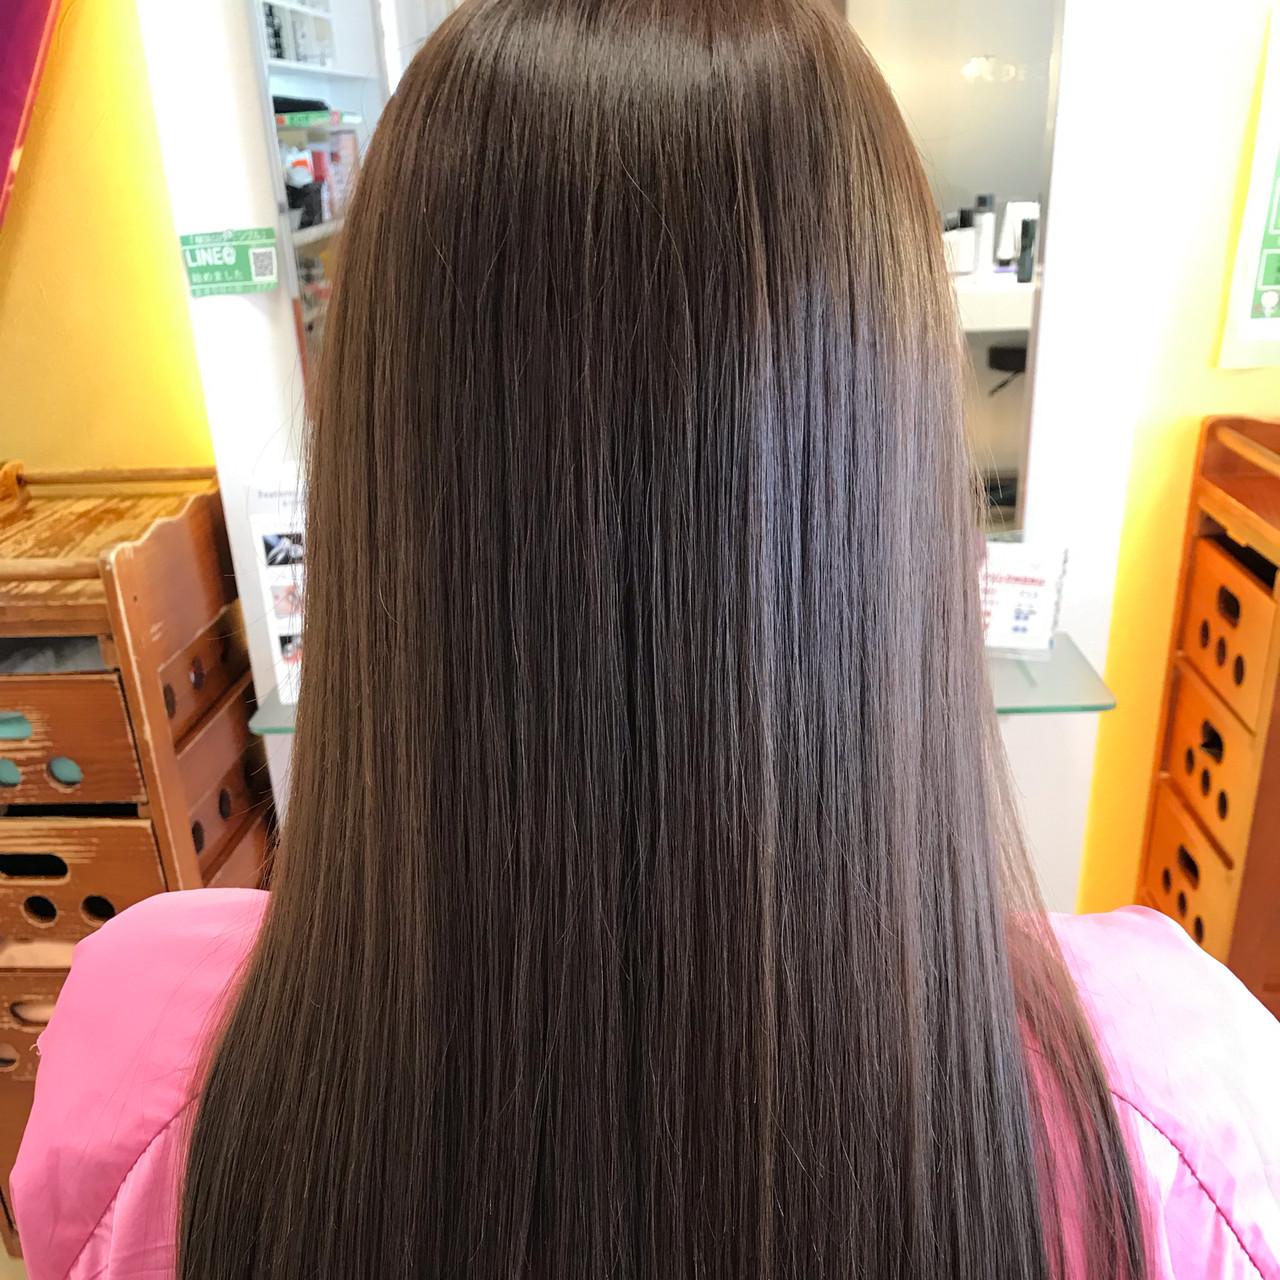 アンニュイほつれヘア 結婚式 ナチュラル デート ヘアスタイルや髪型の写真・画像 | 志賀 貴人 / 桜DECOティンプル